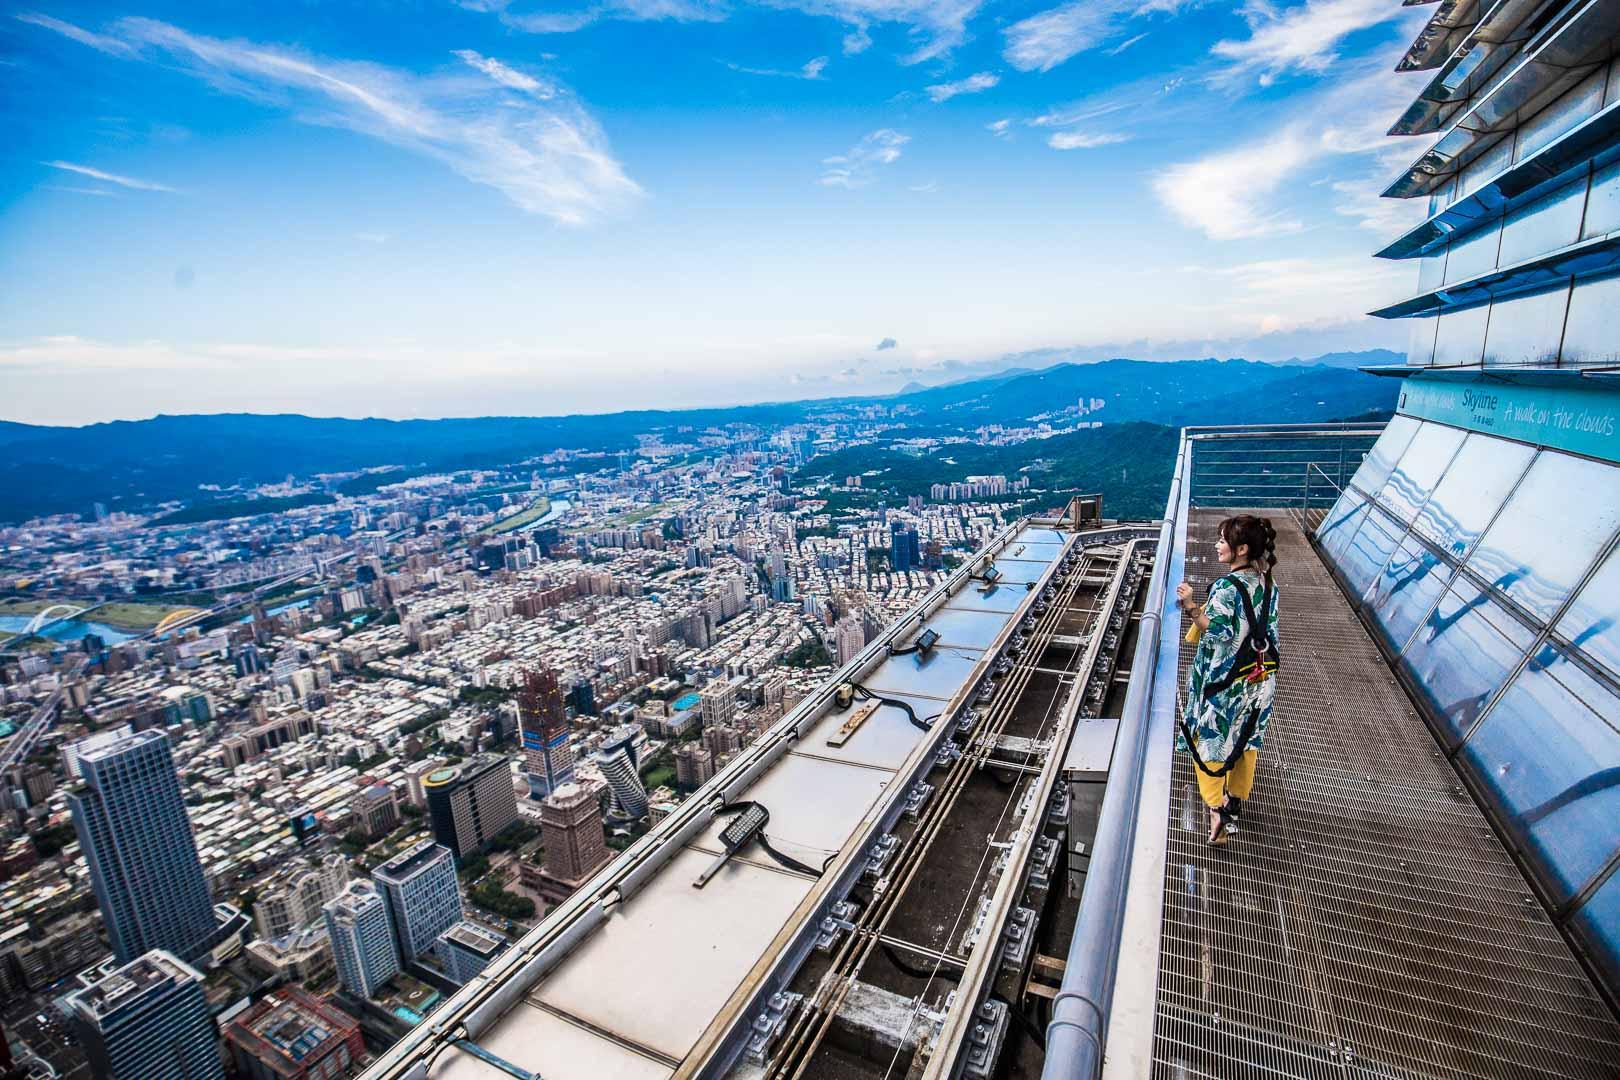 台北101 Skyline 460全攻略!來台北101觀景台玩一整天!Skyline 460/茶與果的高空對話/iPILOT飛行體驗